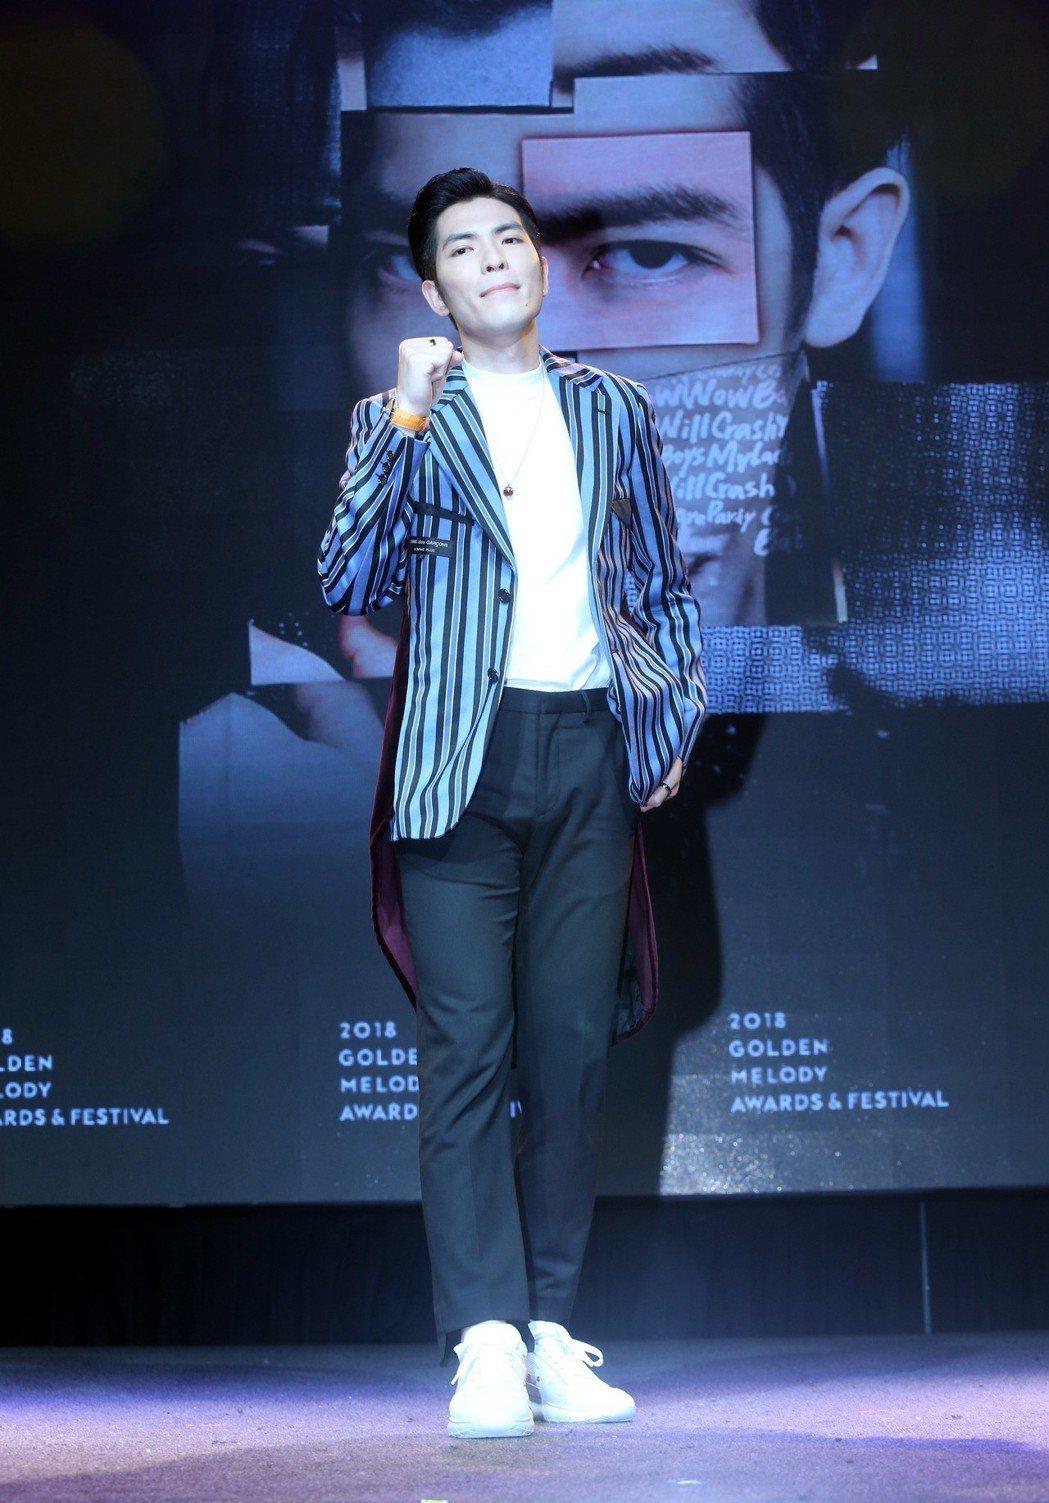 第29屆金曲獎頒獎典禮主持人人選,宣布由蕭敬騰擔任,老蕭表示沒有想到主辦單位會找...